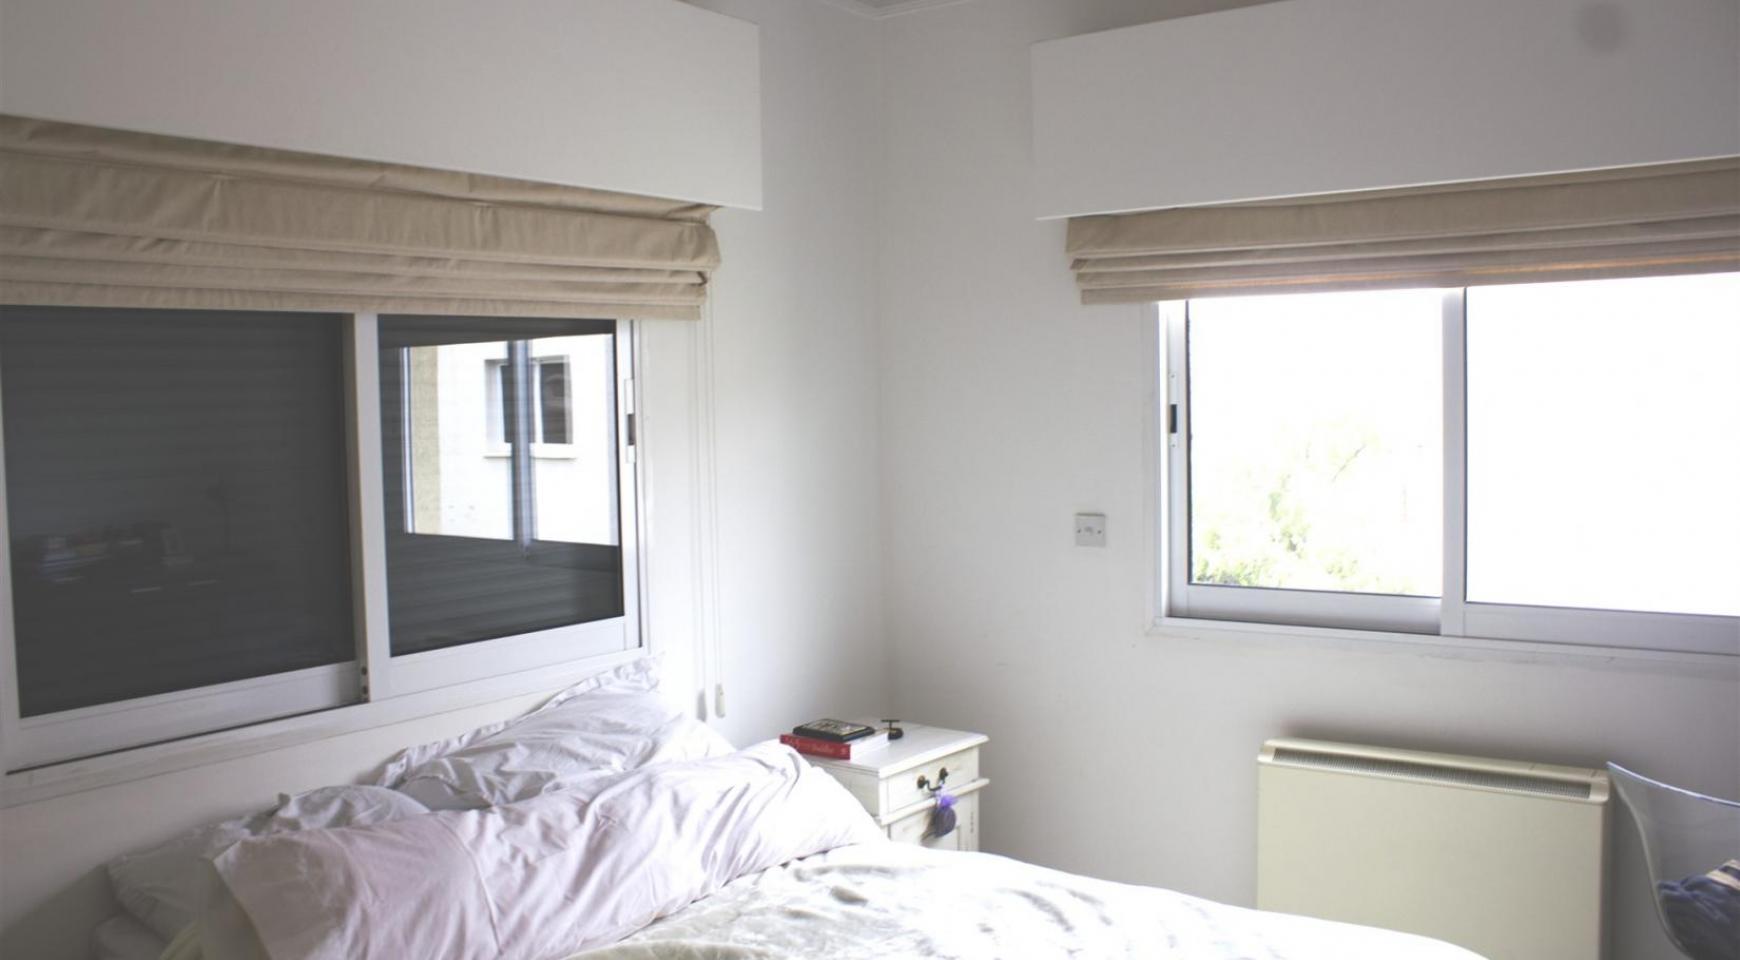 2 Bedroom Apartment in a Prestigious Complex near the Sea - 15